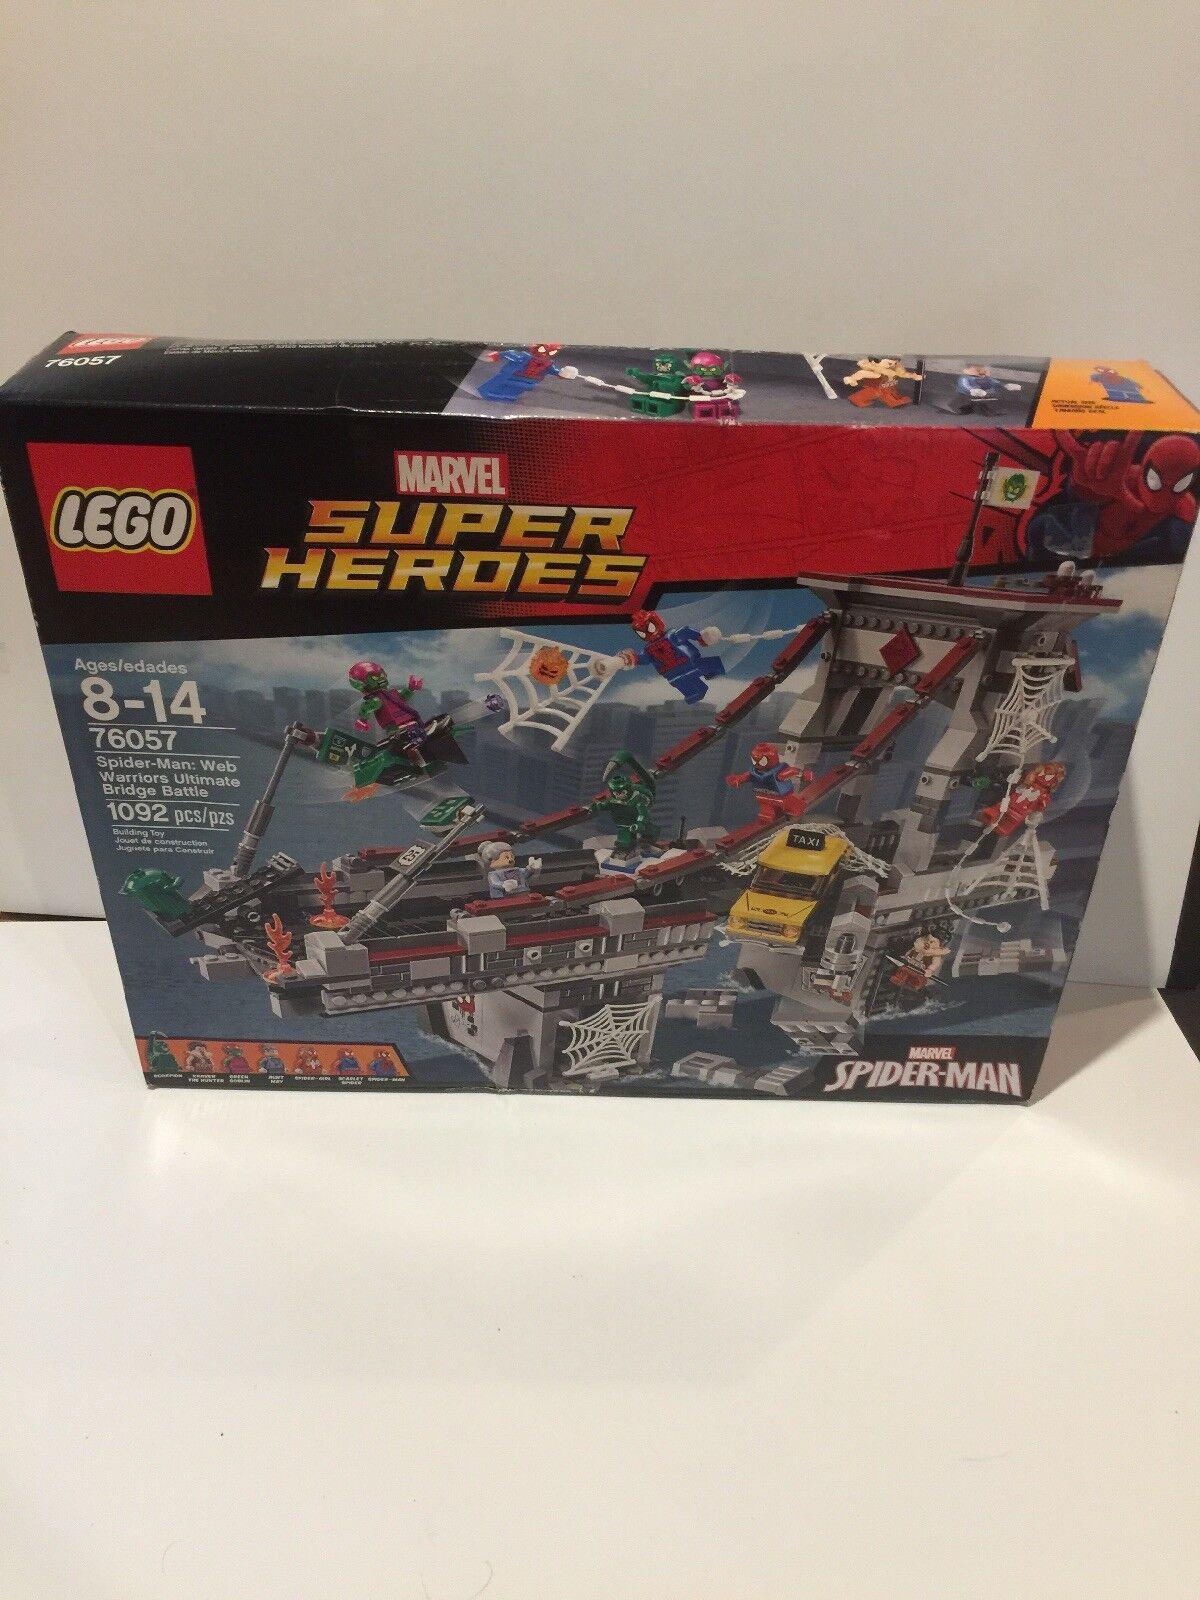 Lego 76057 Spider-Man Spider-Man Spider-Man Marvel Super Heroes 1902 Pcs New f7ec39